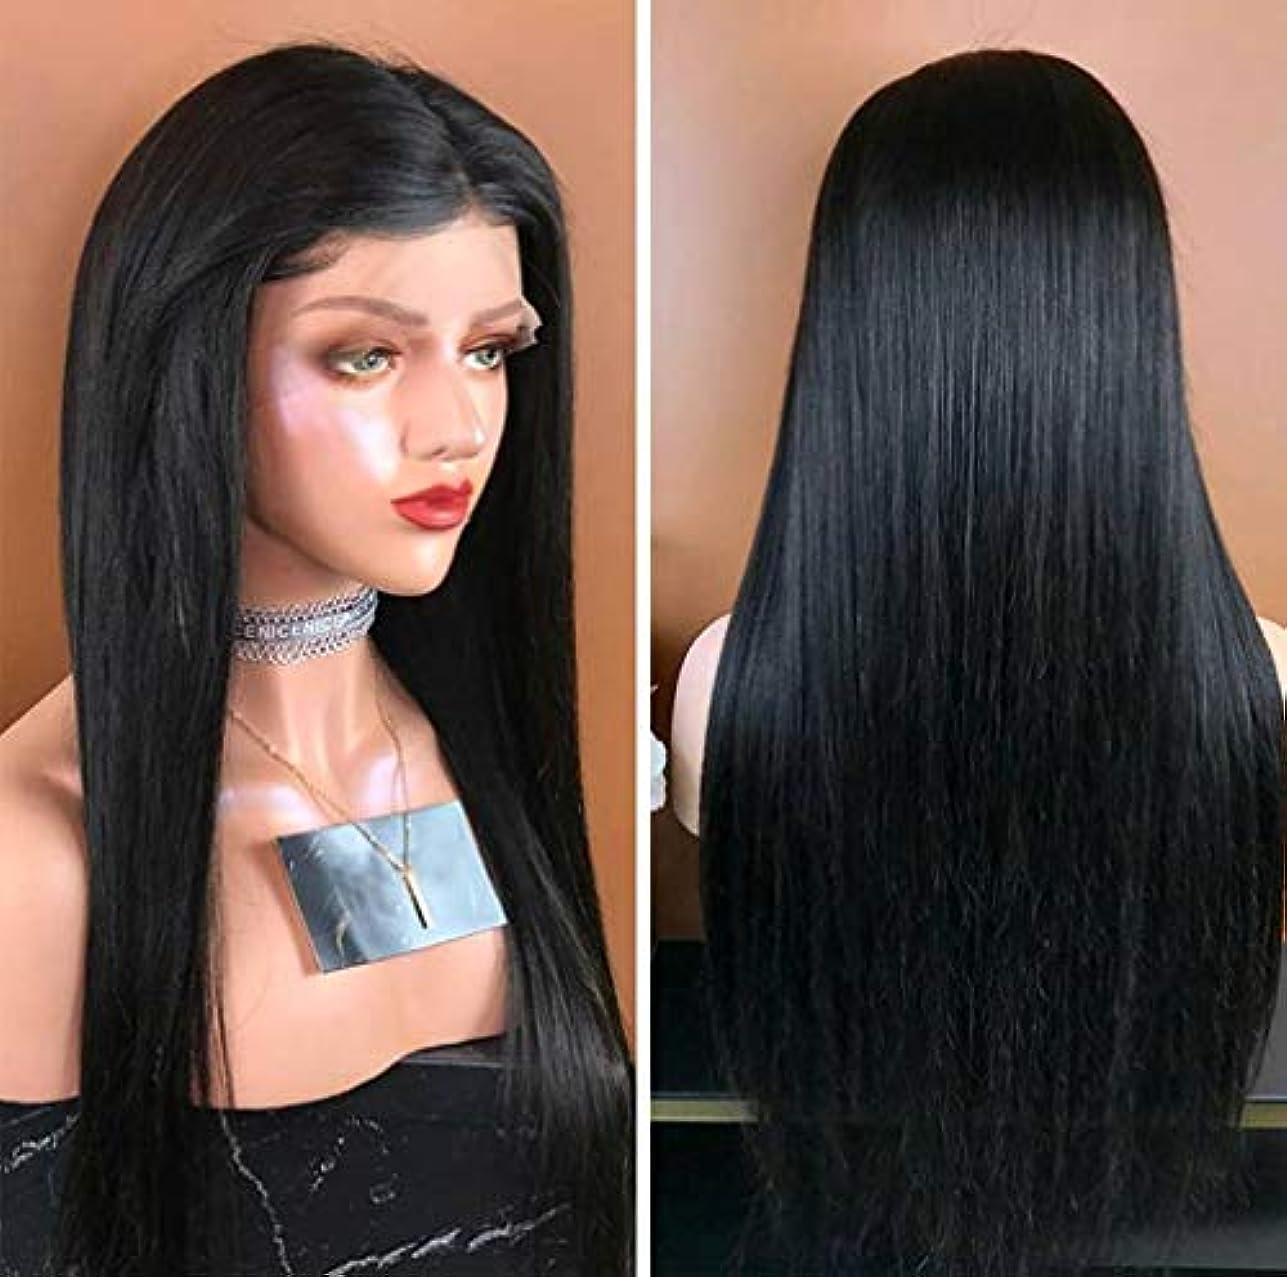 森林キルス砂漠女性360フルレースかつらブラジルバージンストレート人間の髪グルーレスショート人間の髪かつらベビーヘアショートレースかつら調節可能なストラップ